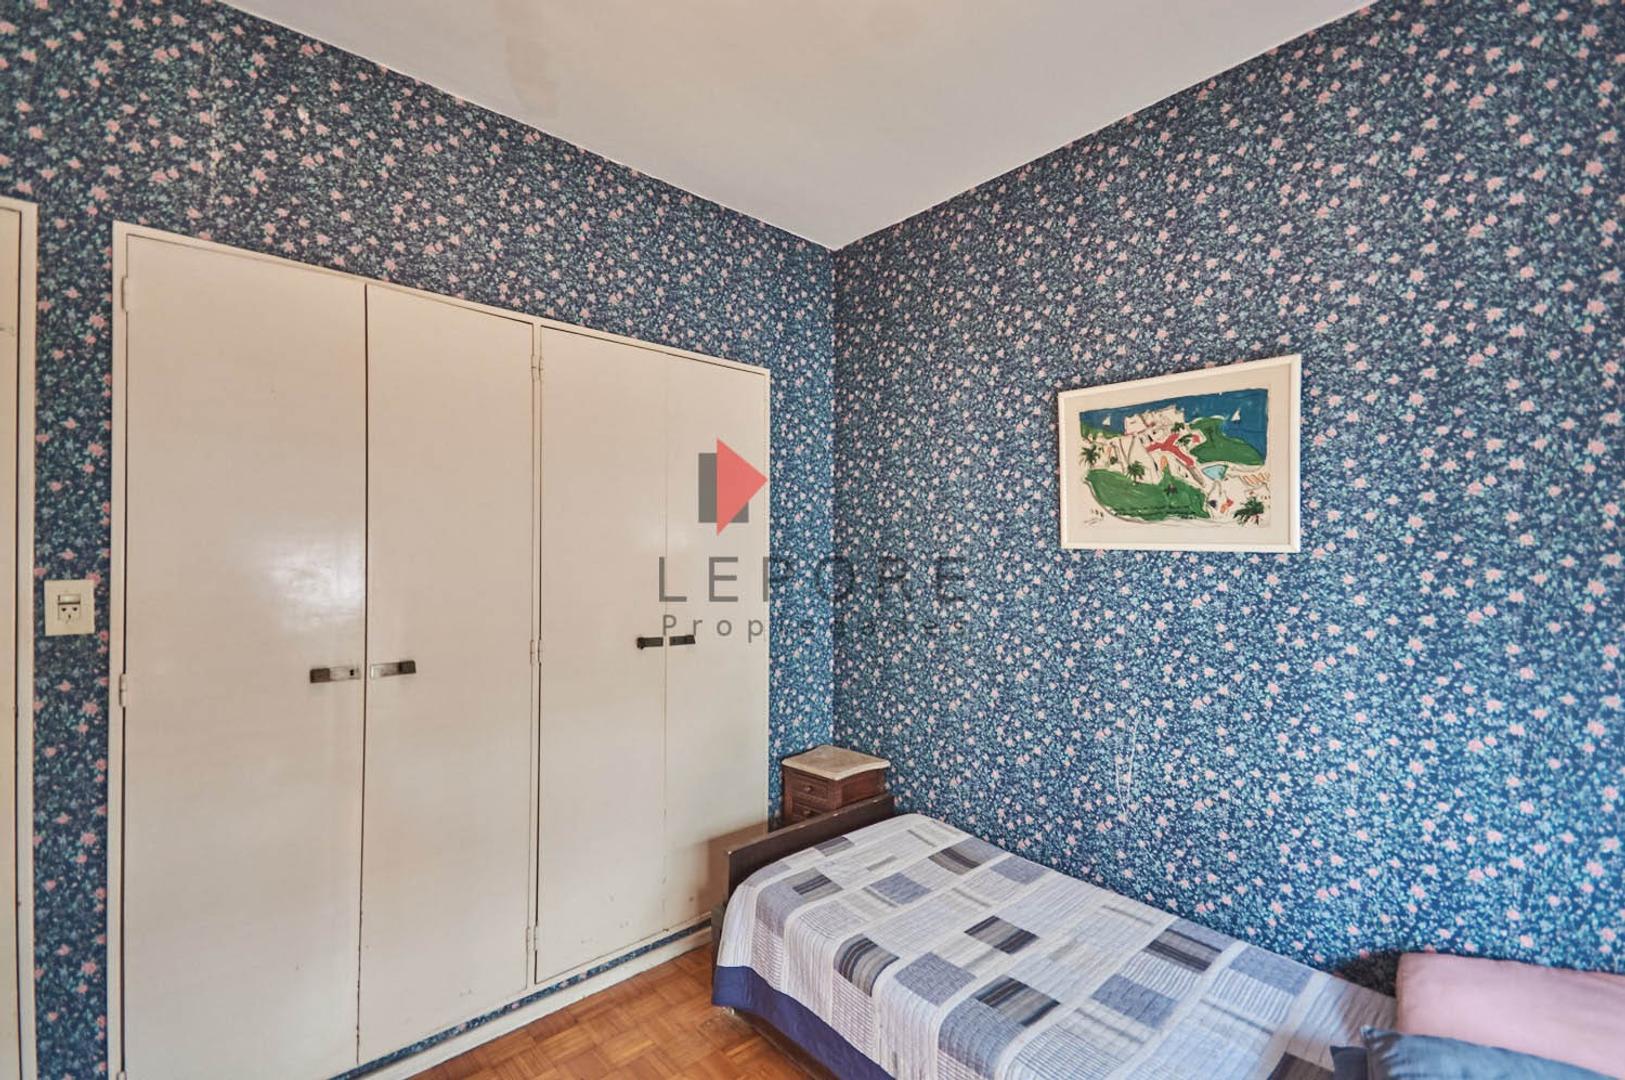 3 ambientes en venta LEPORE - Foto 18